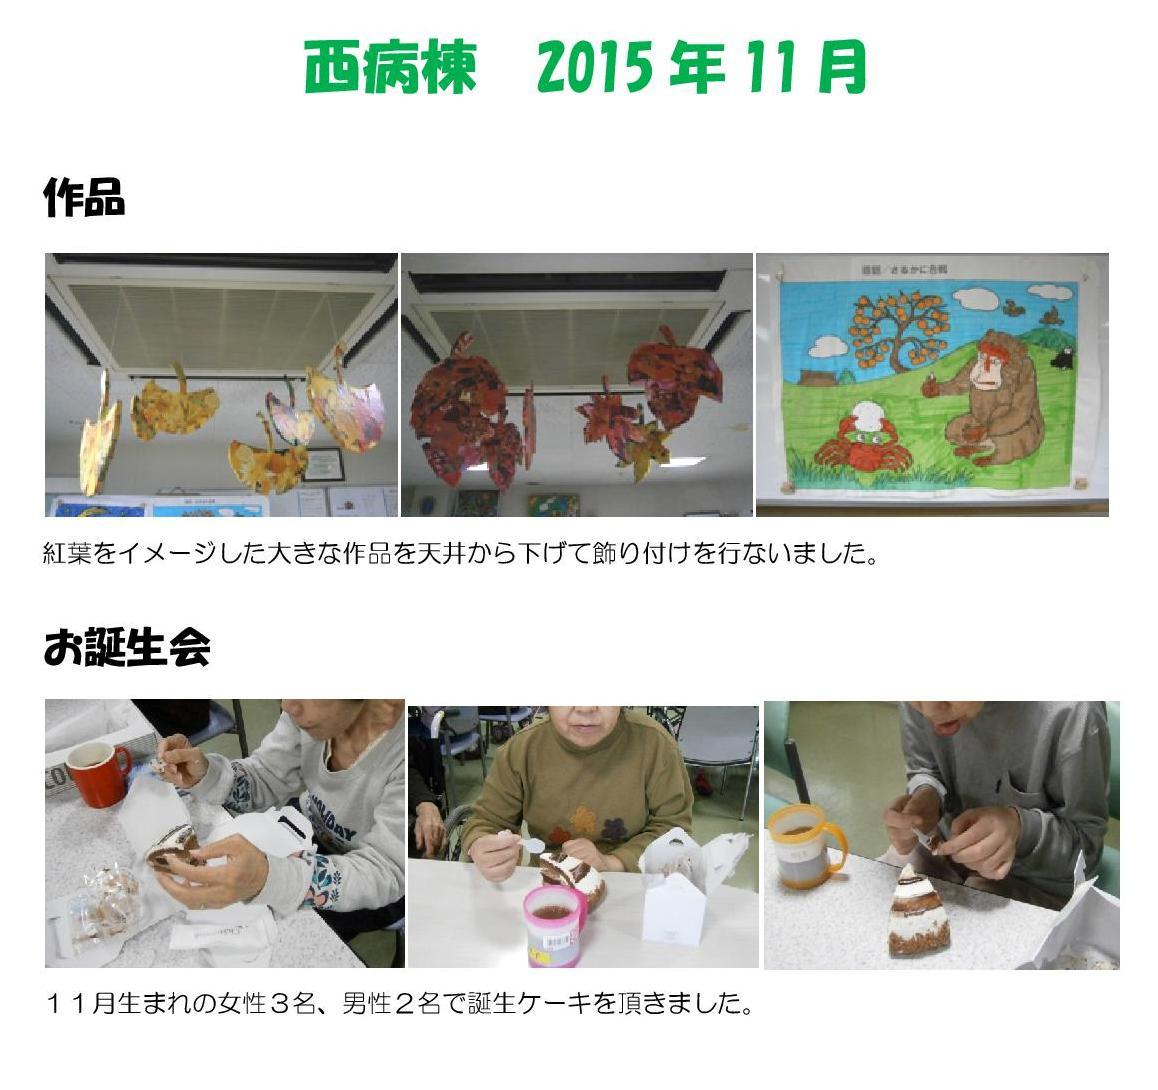 nishi_working_201511